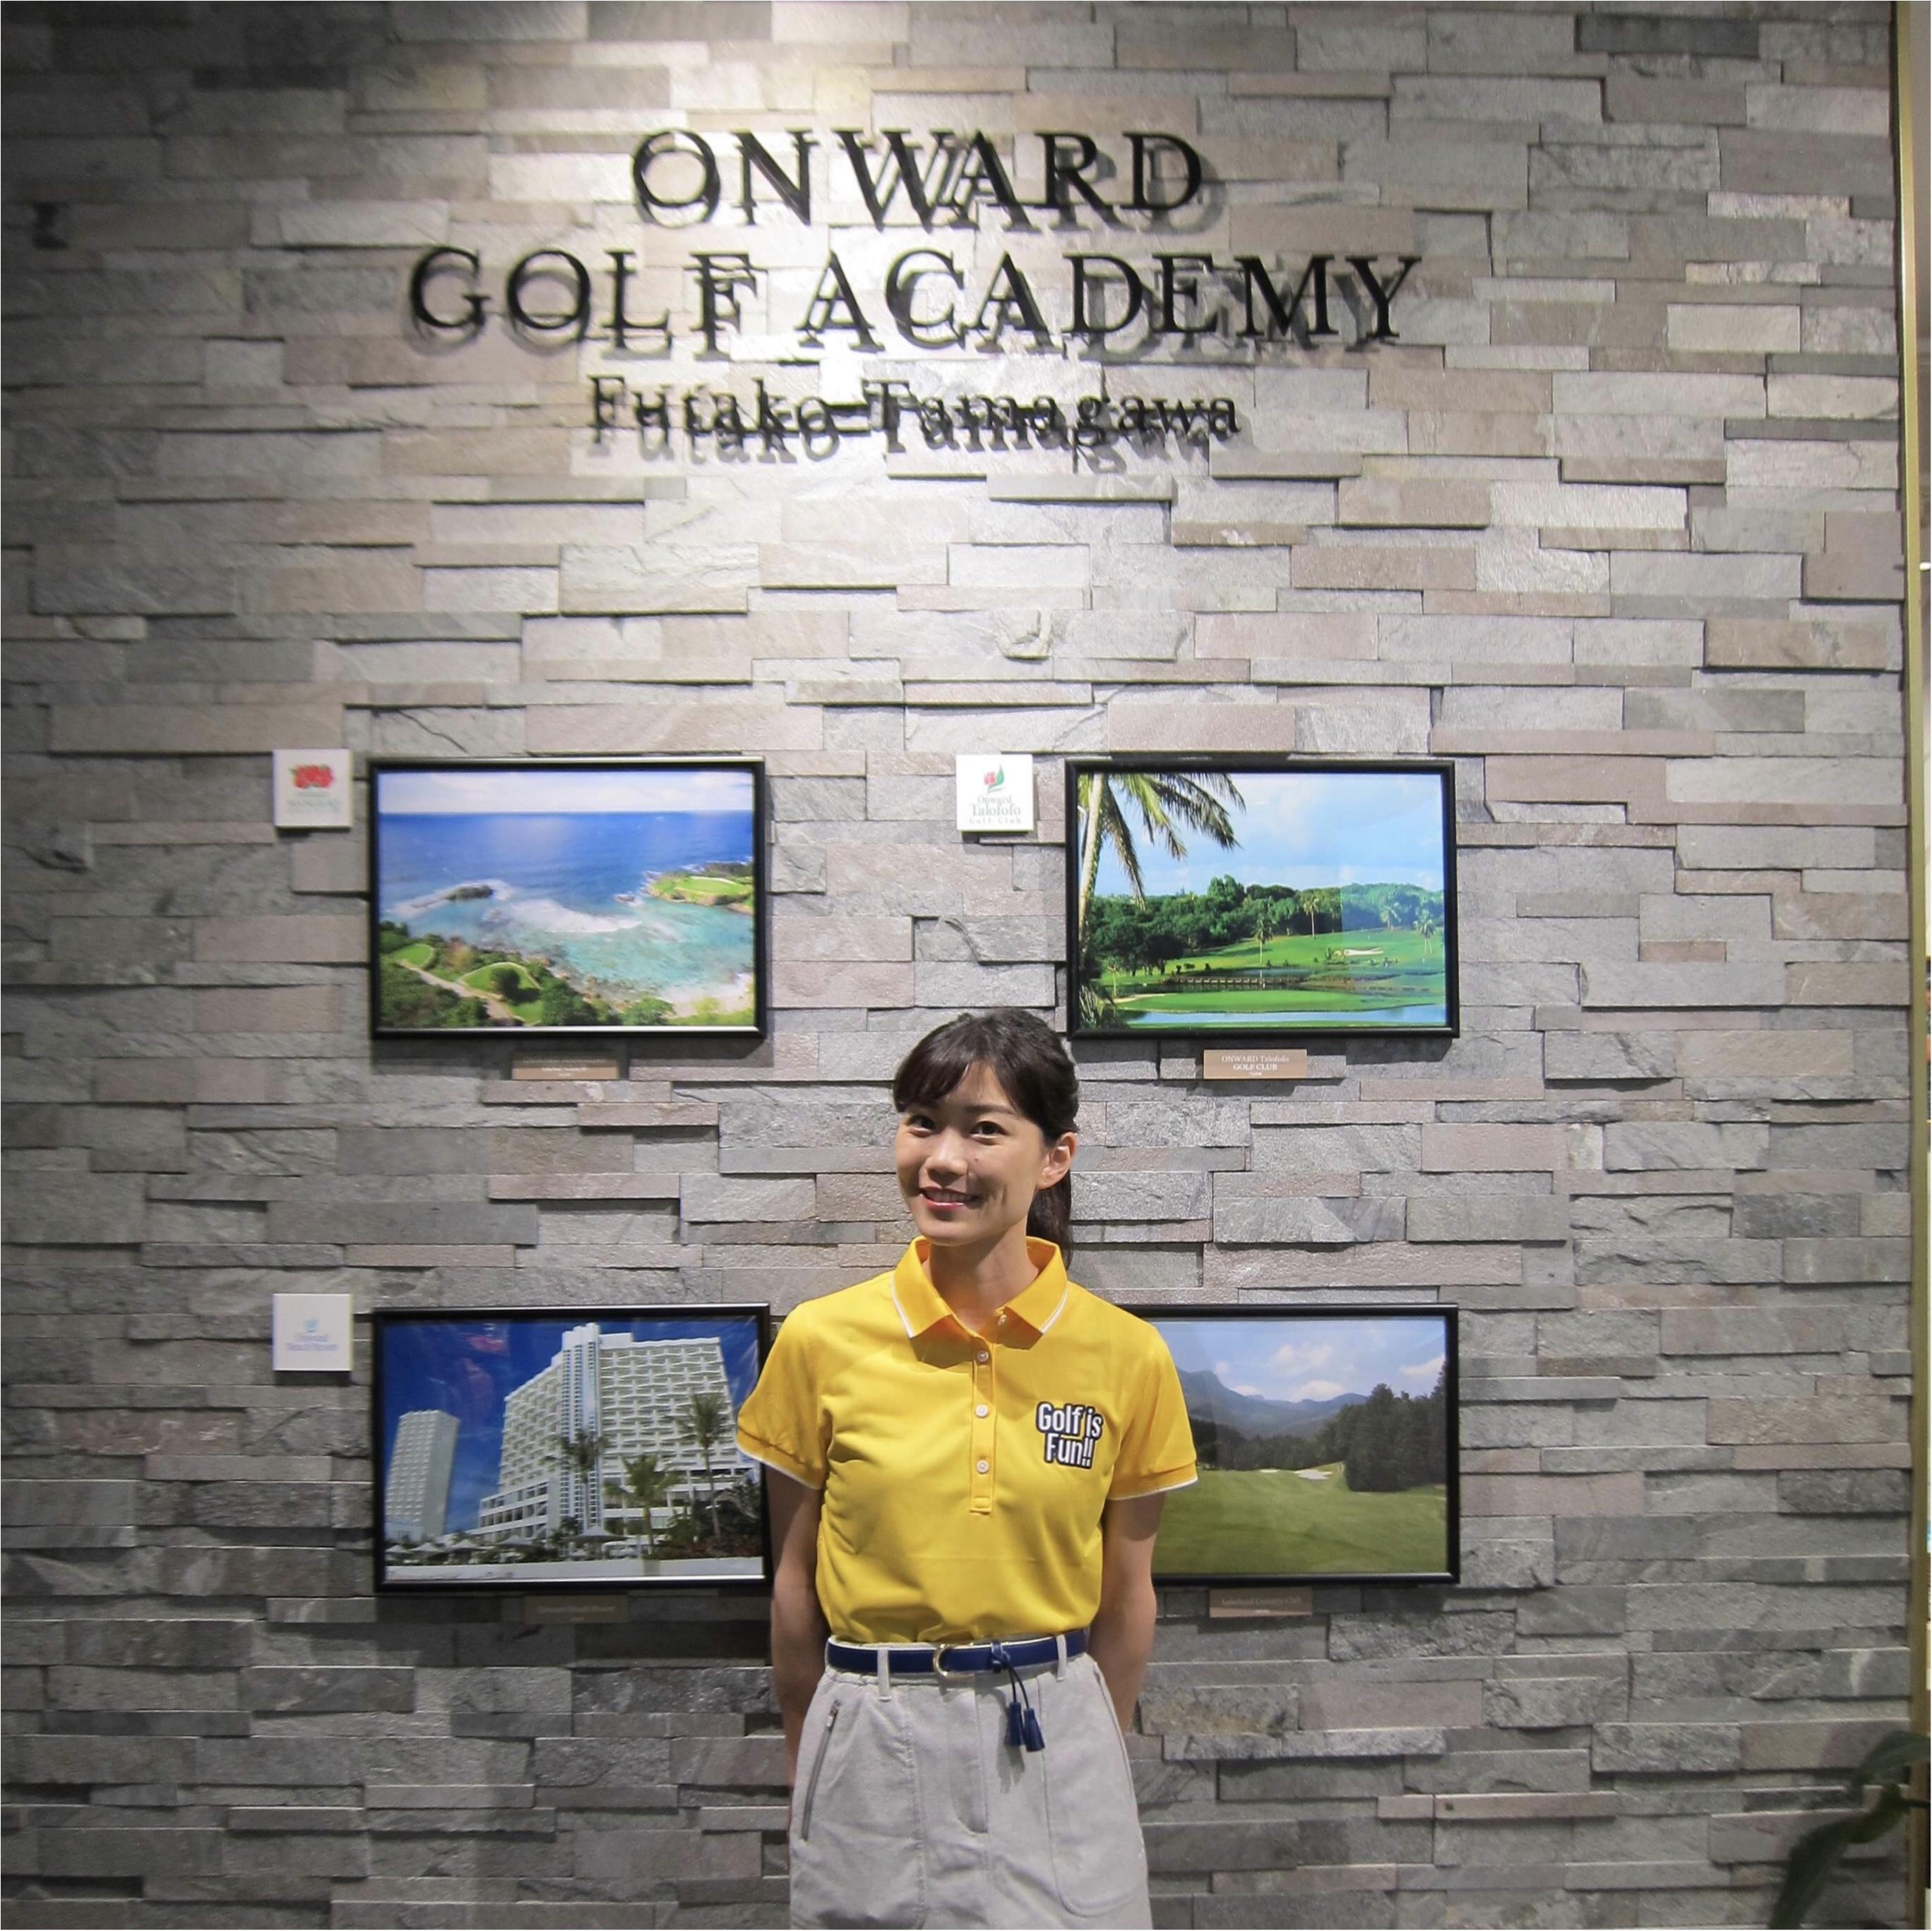 【ゴルフレッスン*onward golf academy@二子玉川】改めてレッスンに行っています!_1